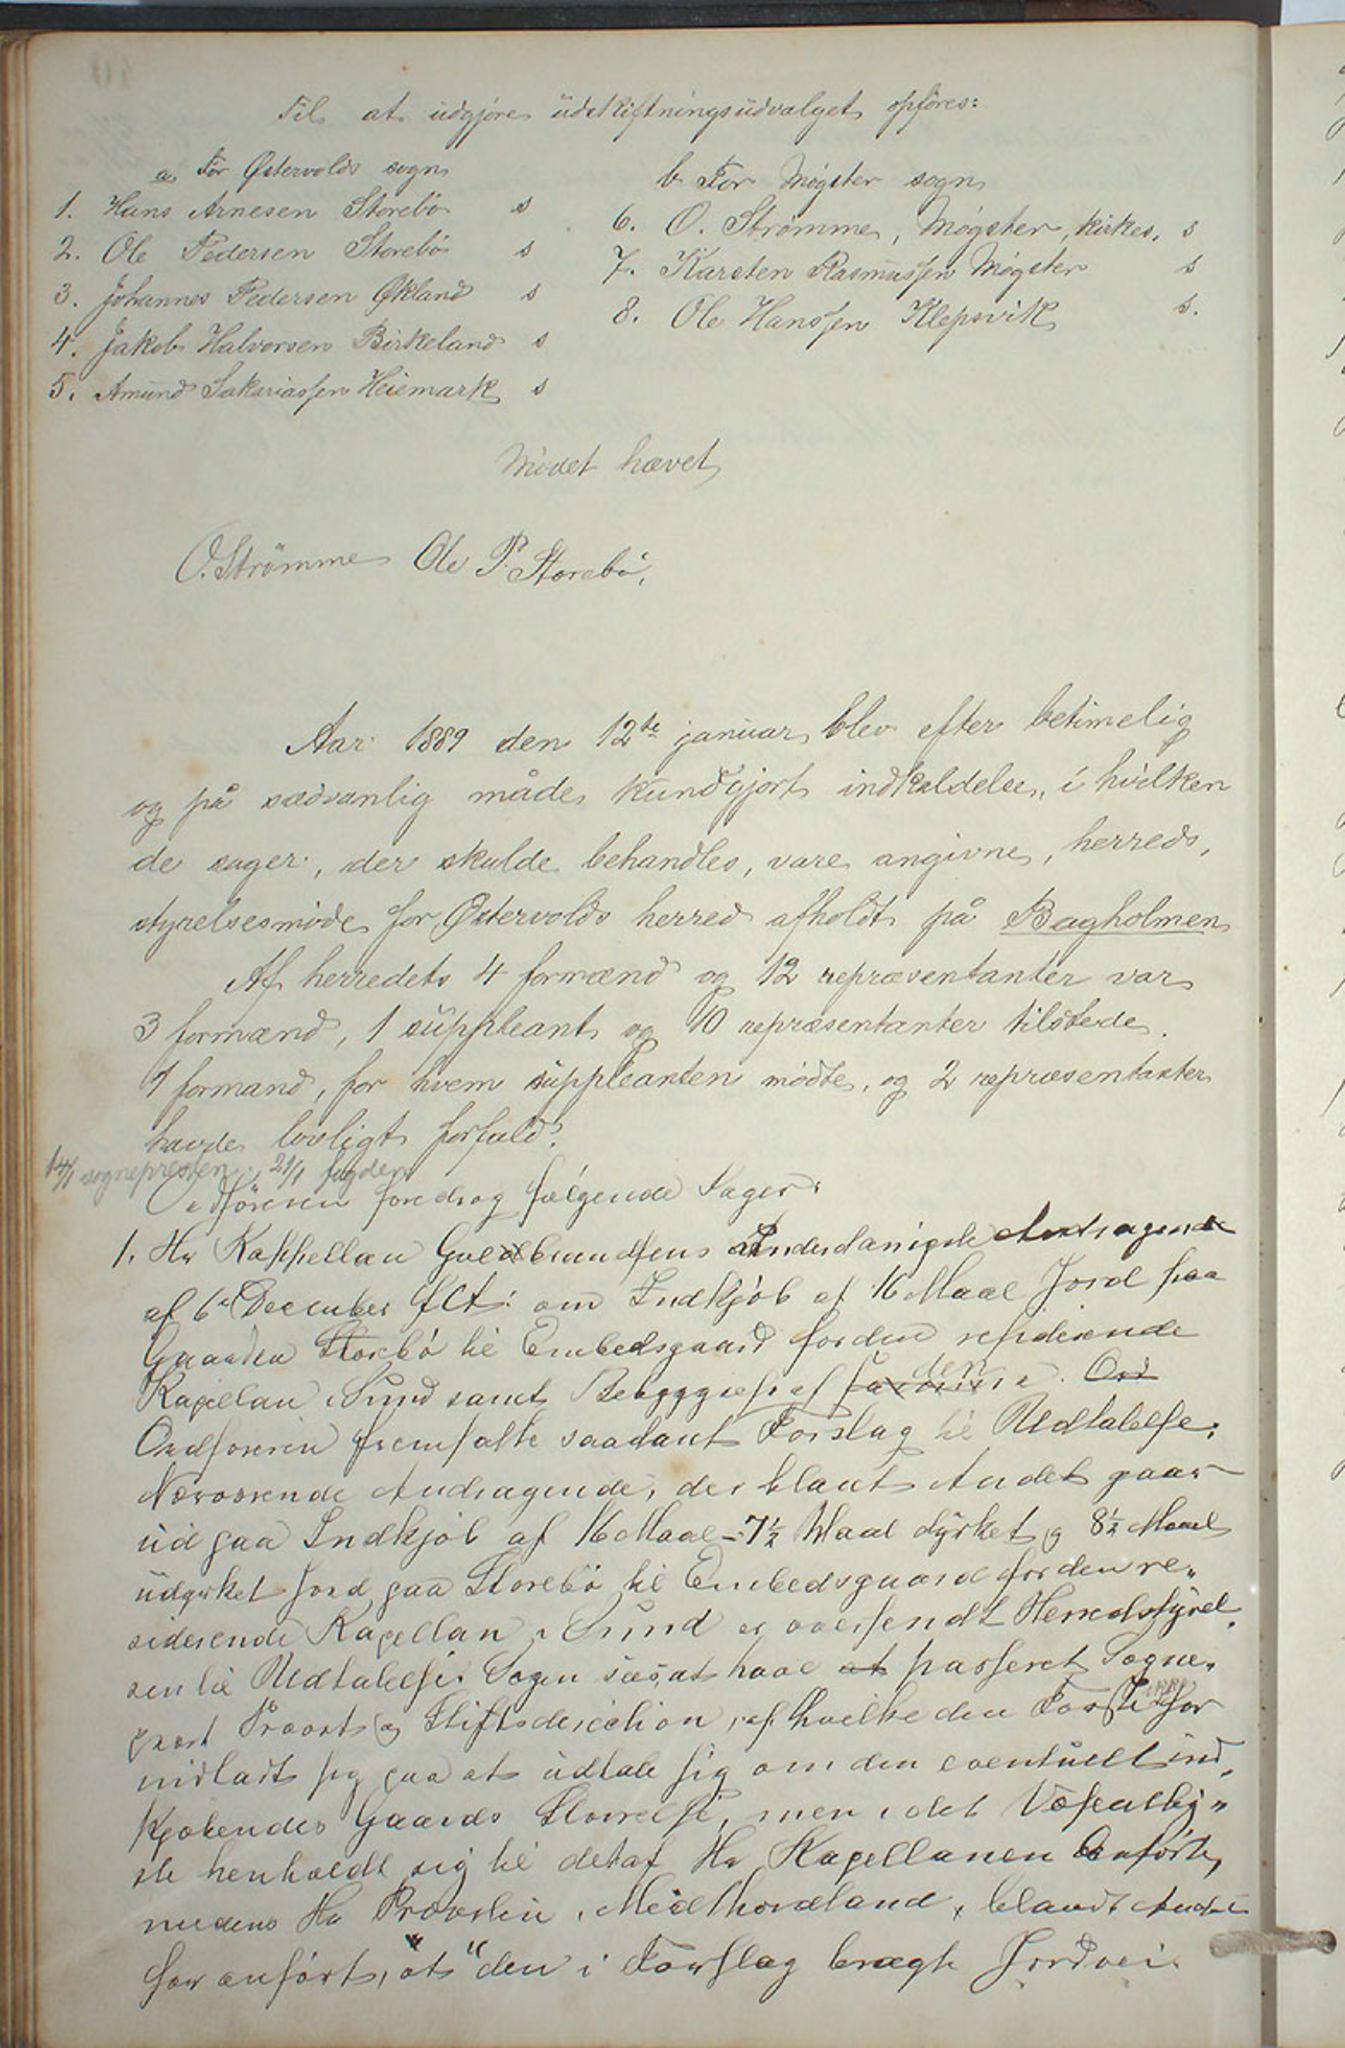 IKAH, Austevoll kommune. Formannskapet, A/Aa/L0001: Østervolds Herredsforhandlings-protokoll, 1886-1900, s. 81